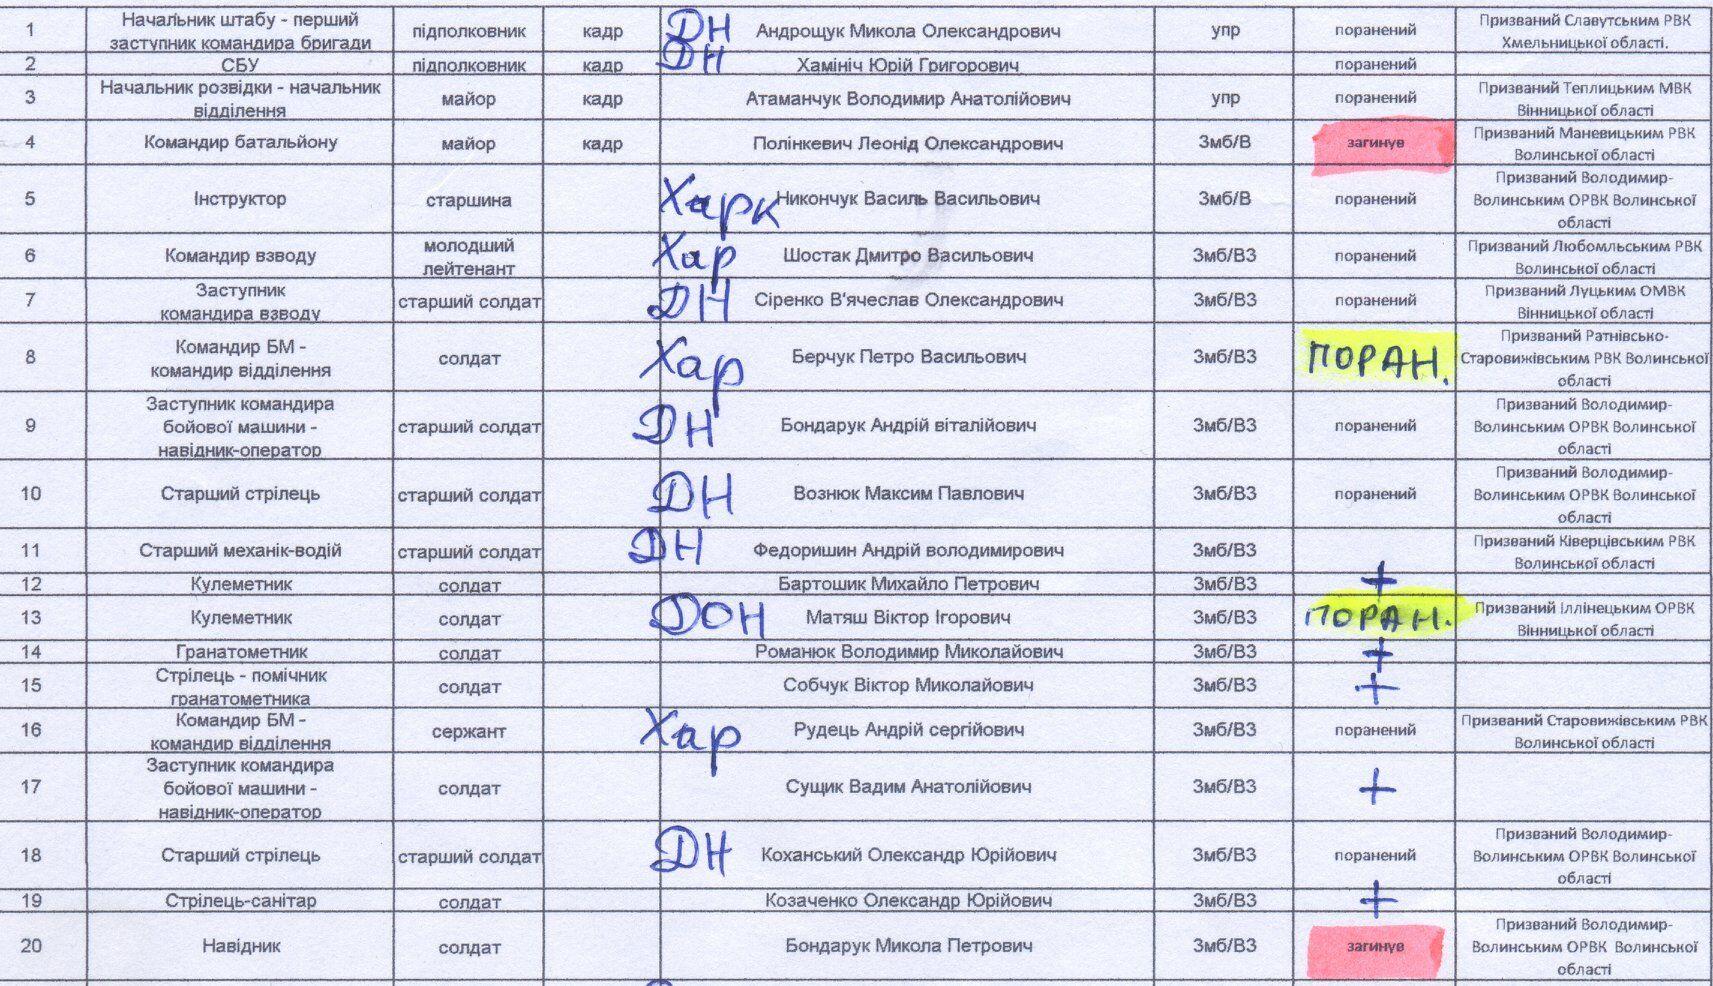 Списки загиблих та поранених складалися у режимі реального часу